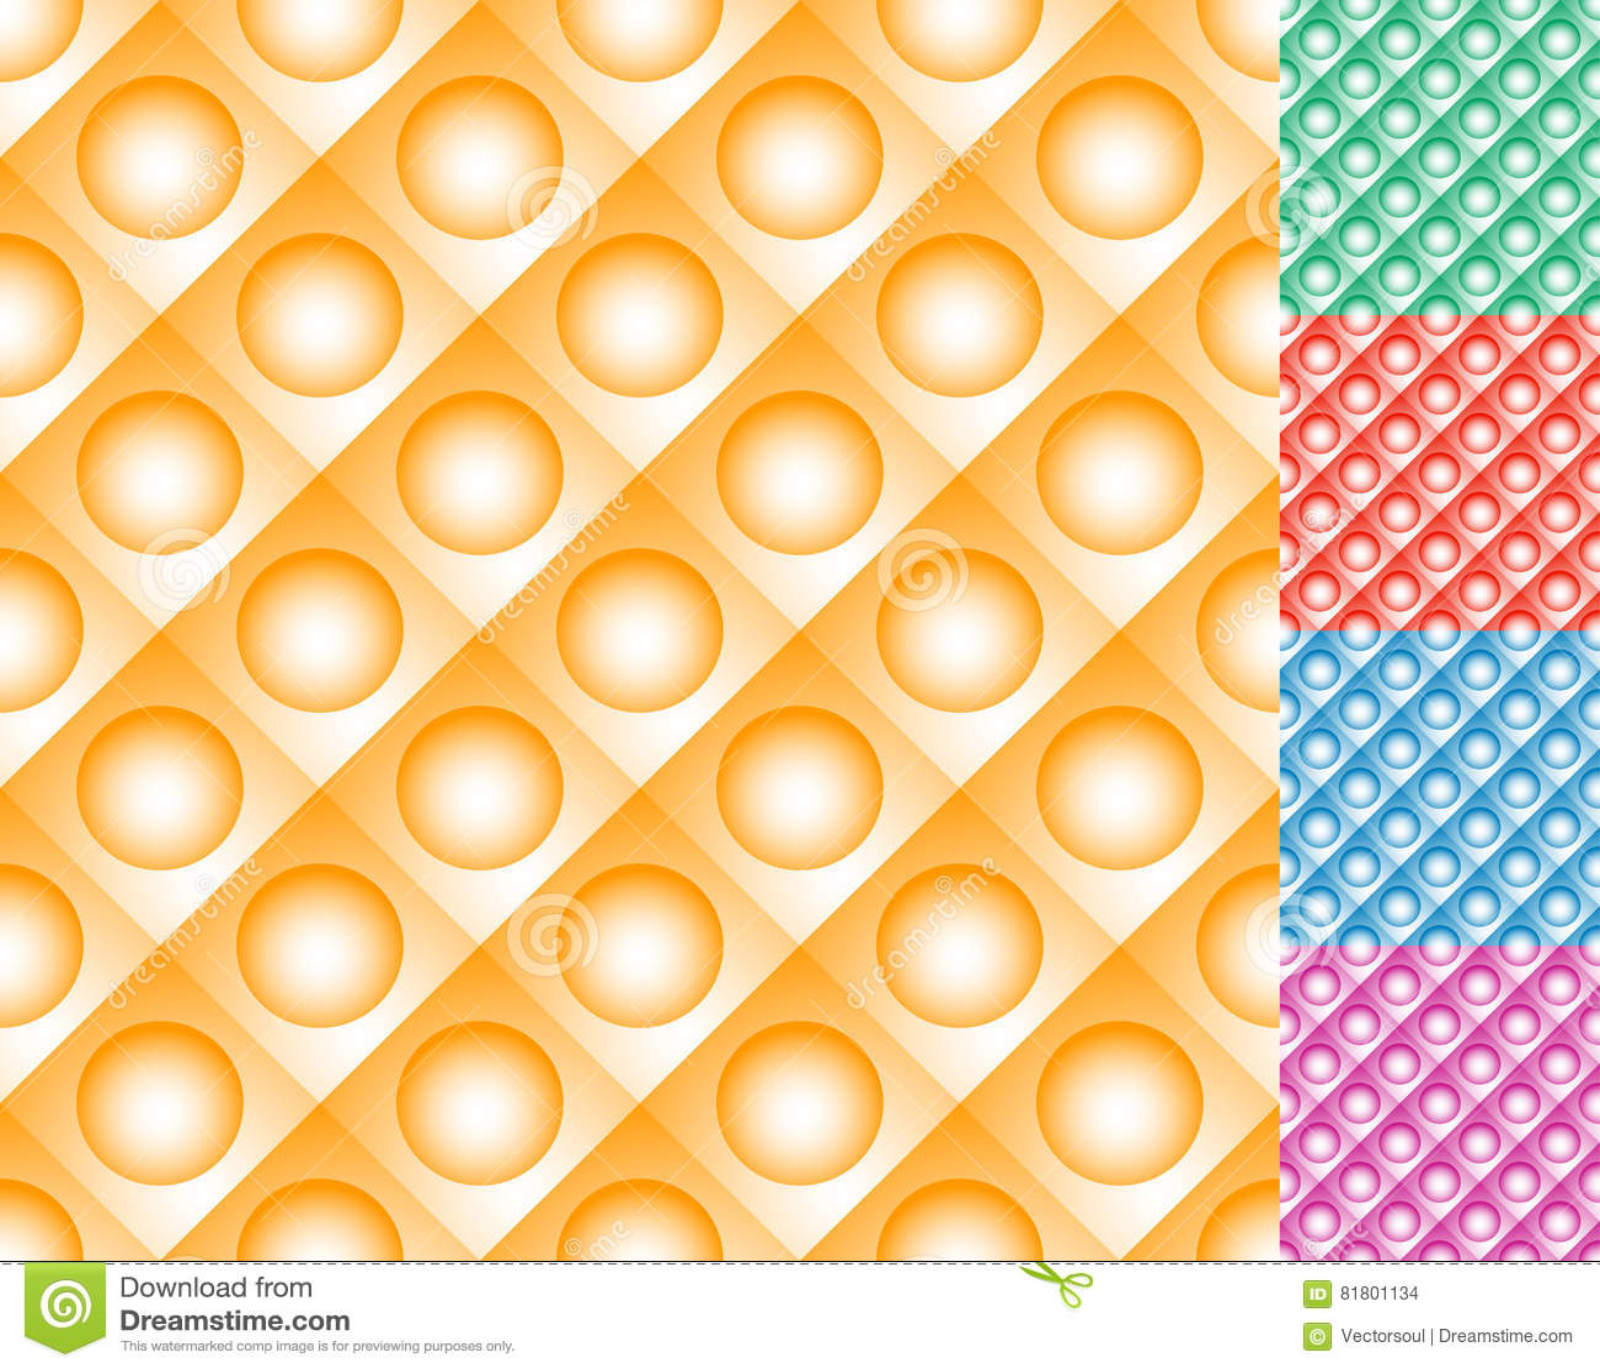 Repeatable плитки картины с кругом над квадратом